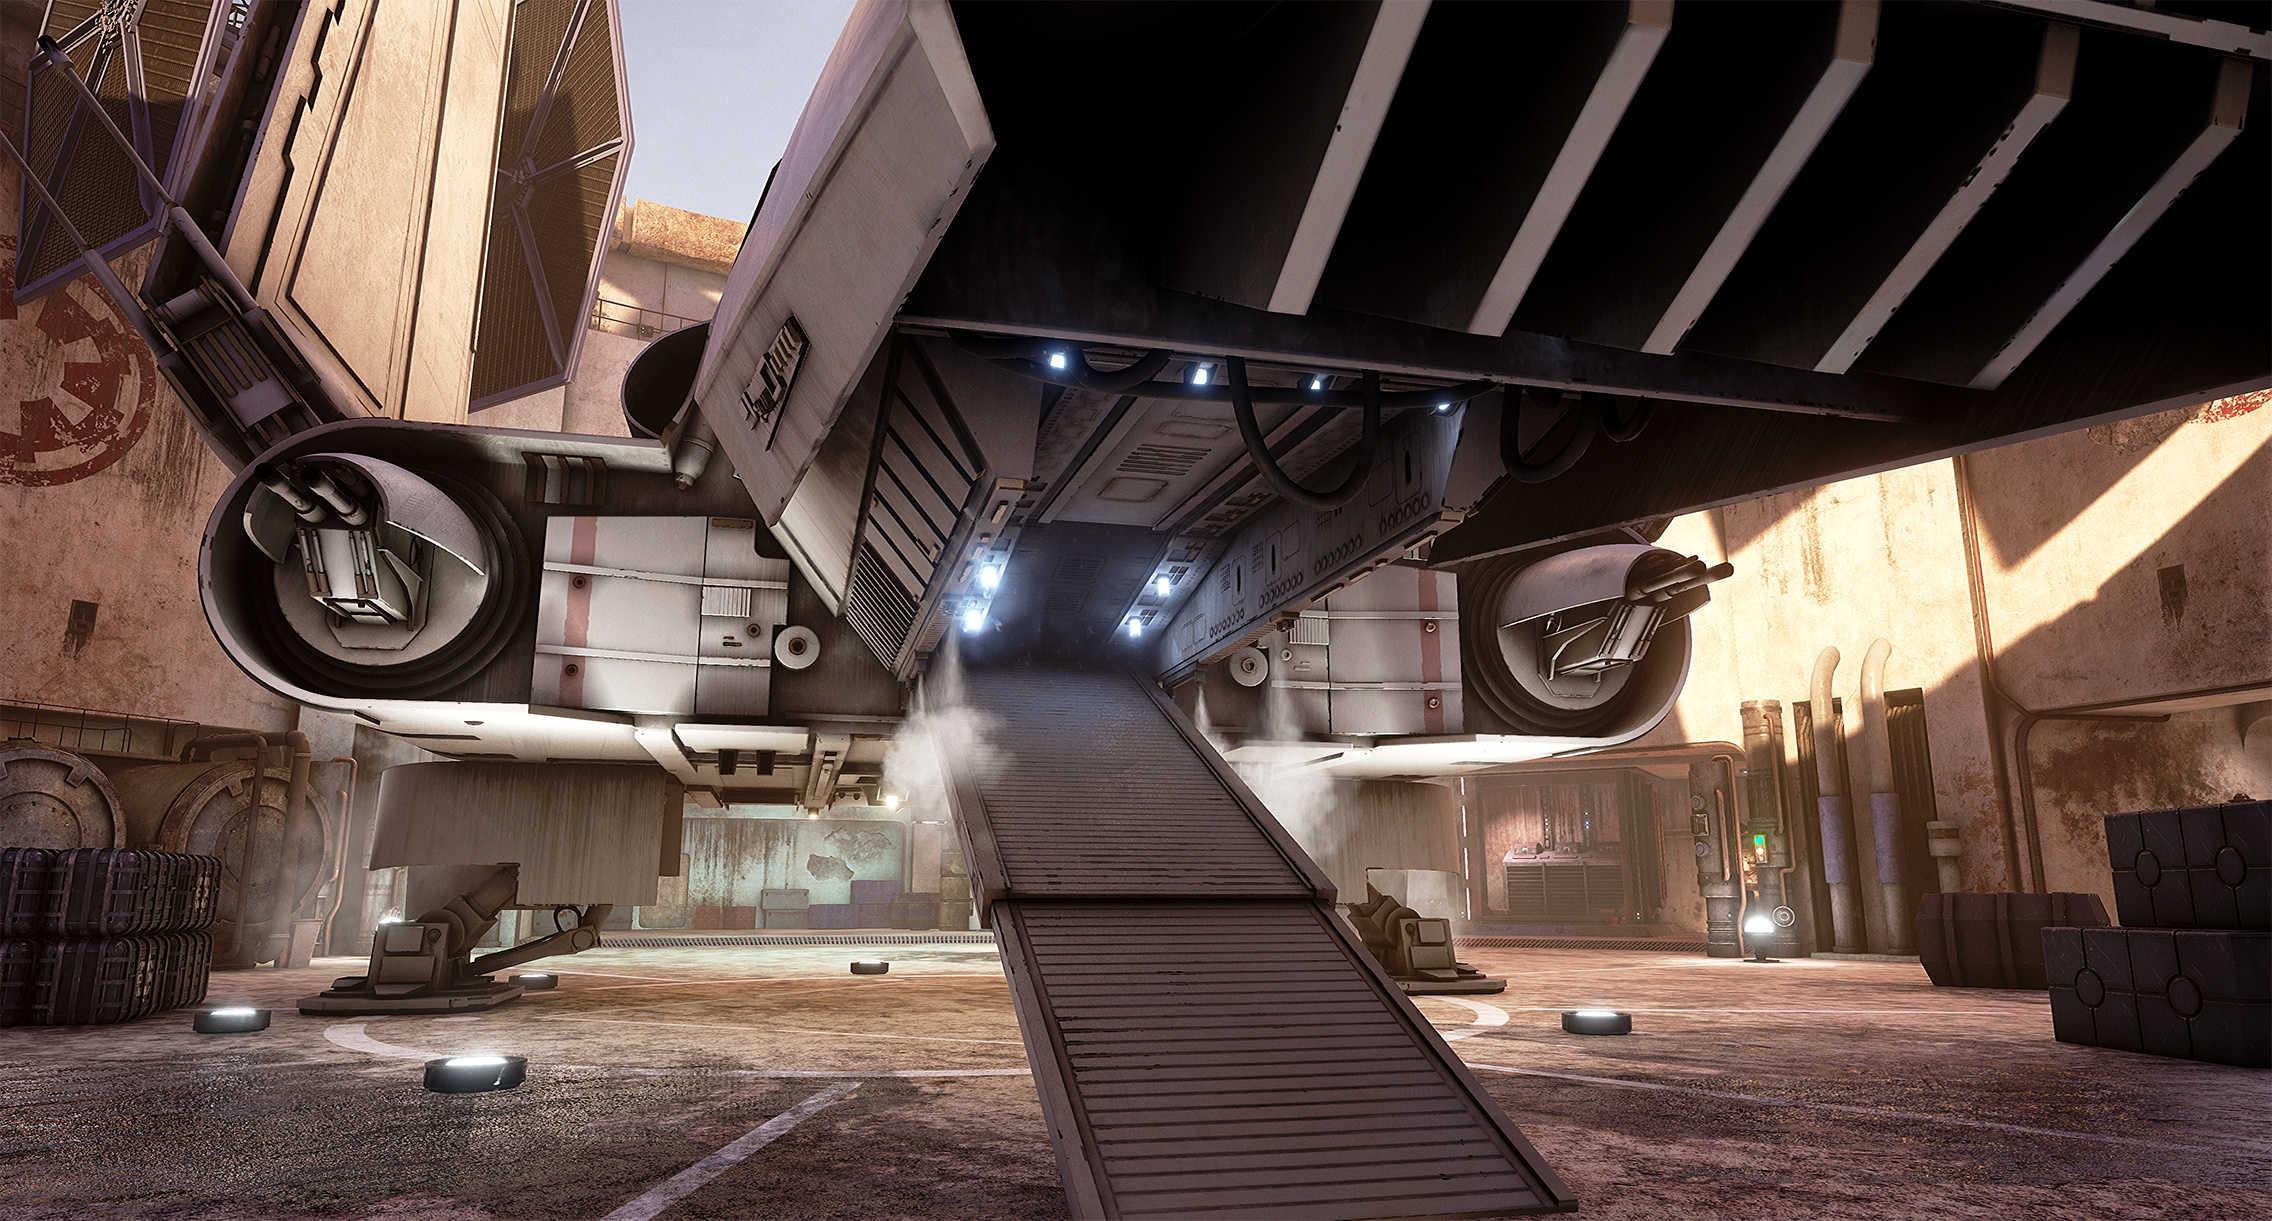 Vývojáři z Obsidianu vytvořili překrásnou Star Wars scenérii v enginu Unreal 4 130541